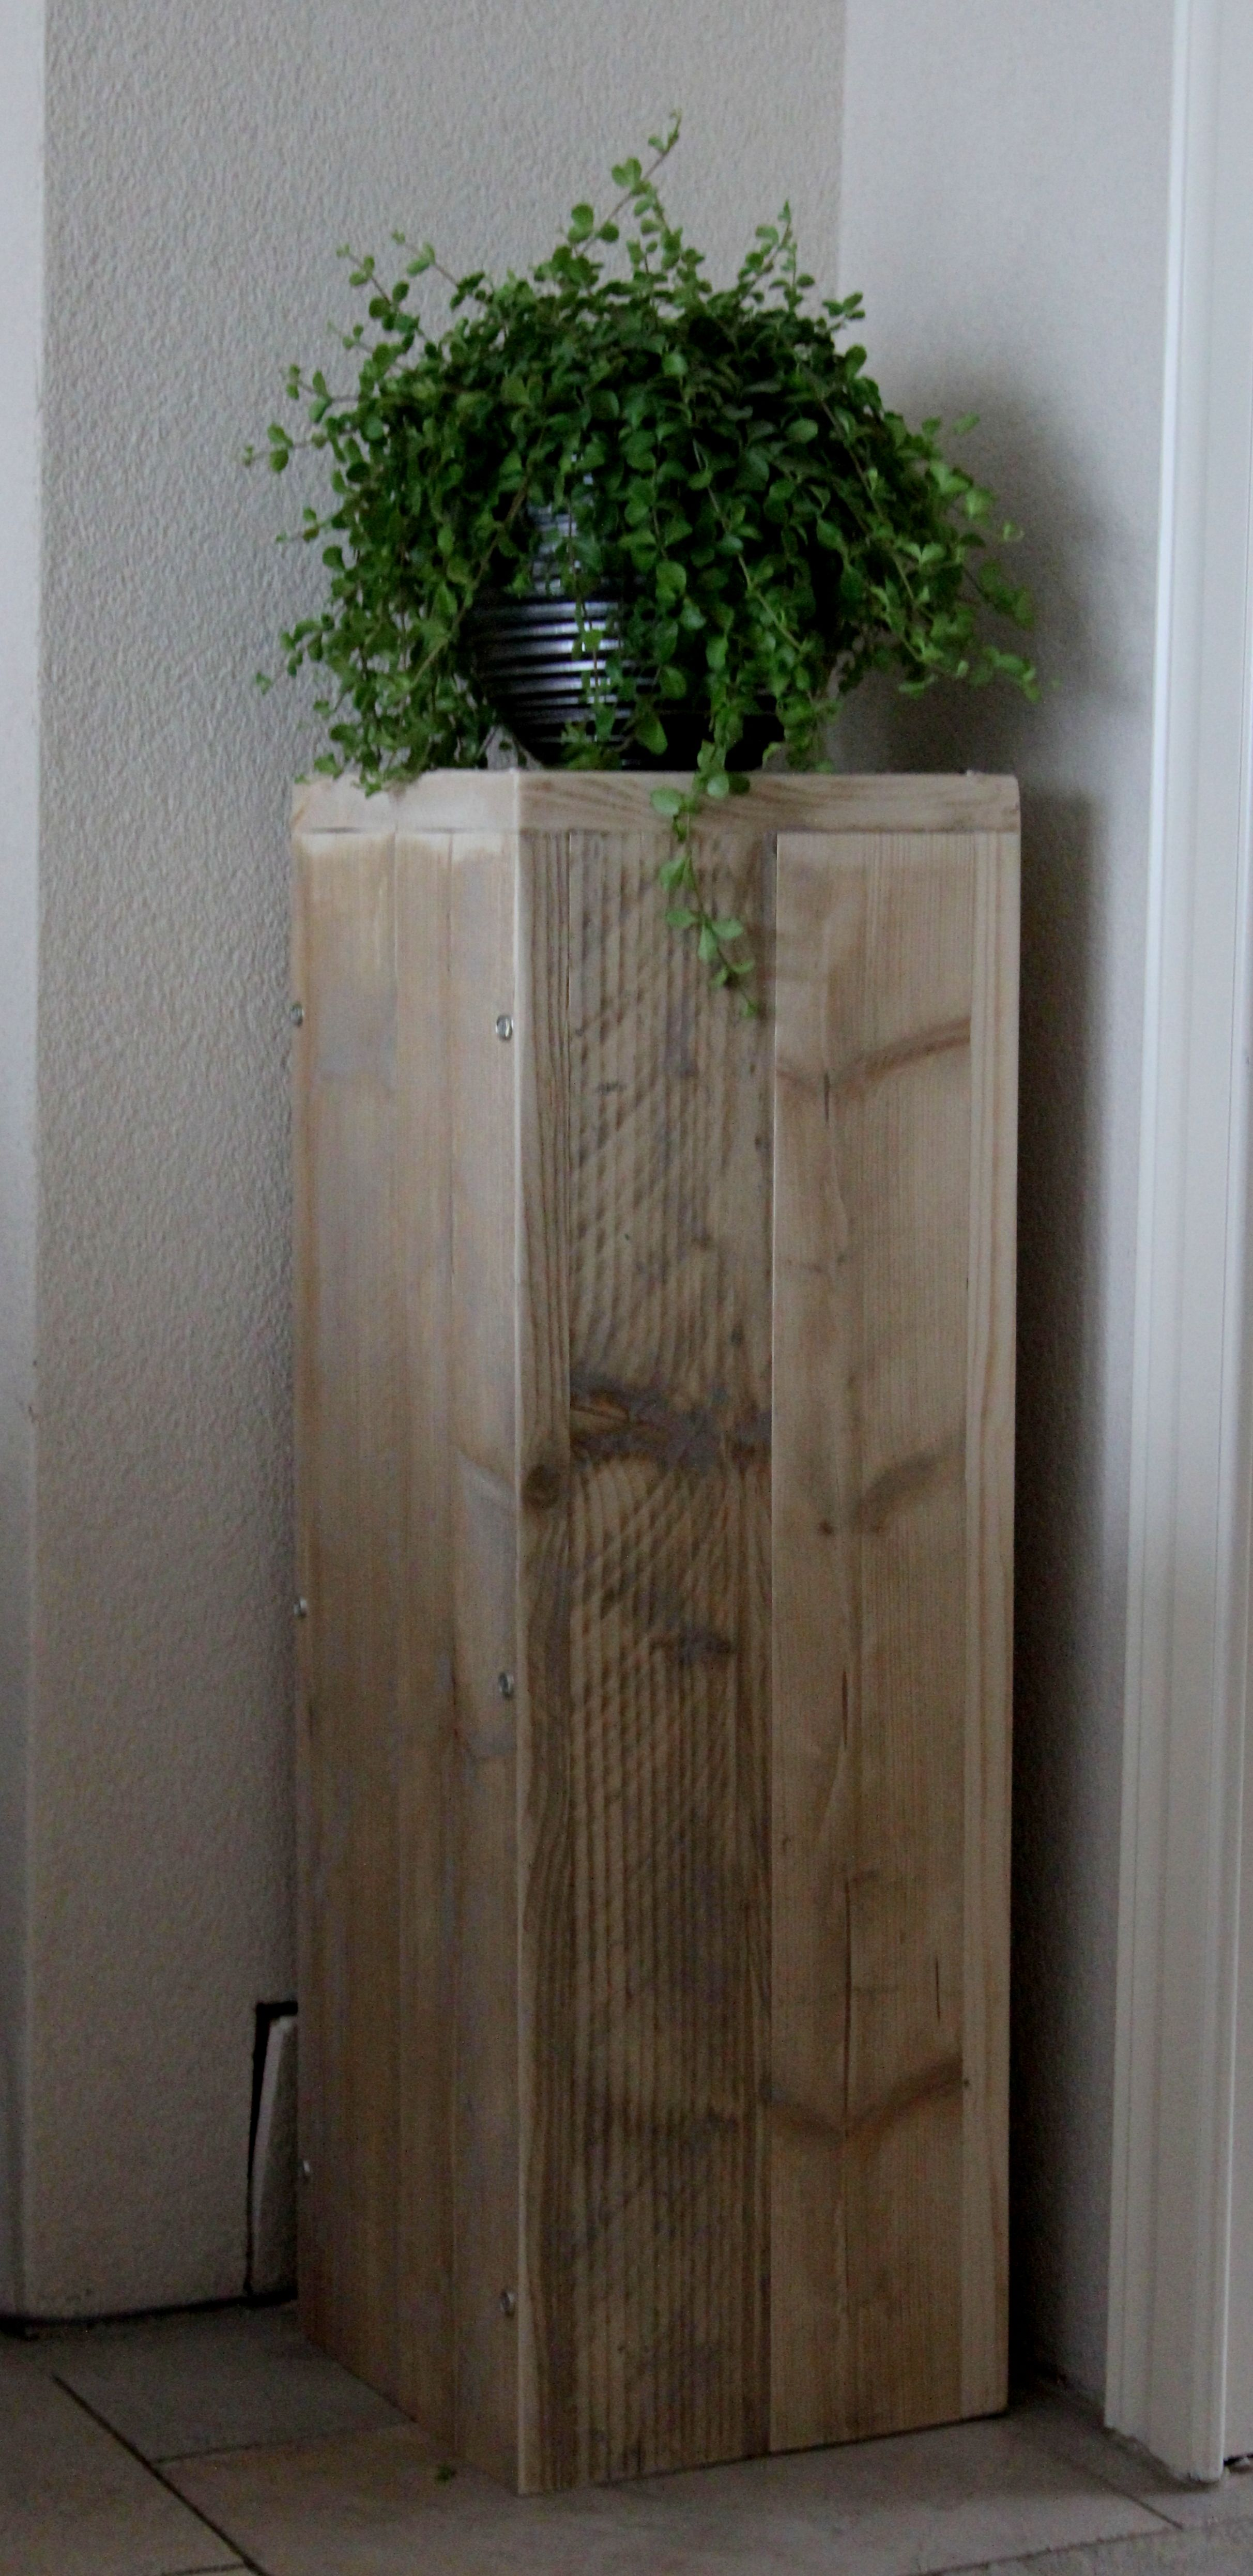 Plantentafel gemaakt van steigerhout 90 cm hoog 30 cm vierkant gemaakt en…